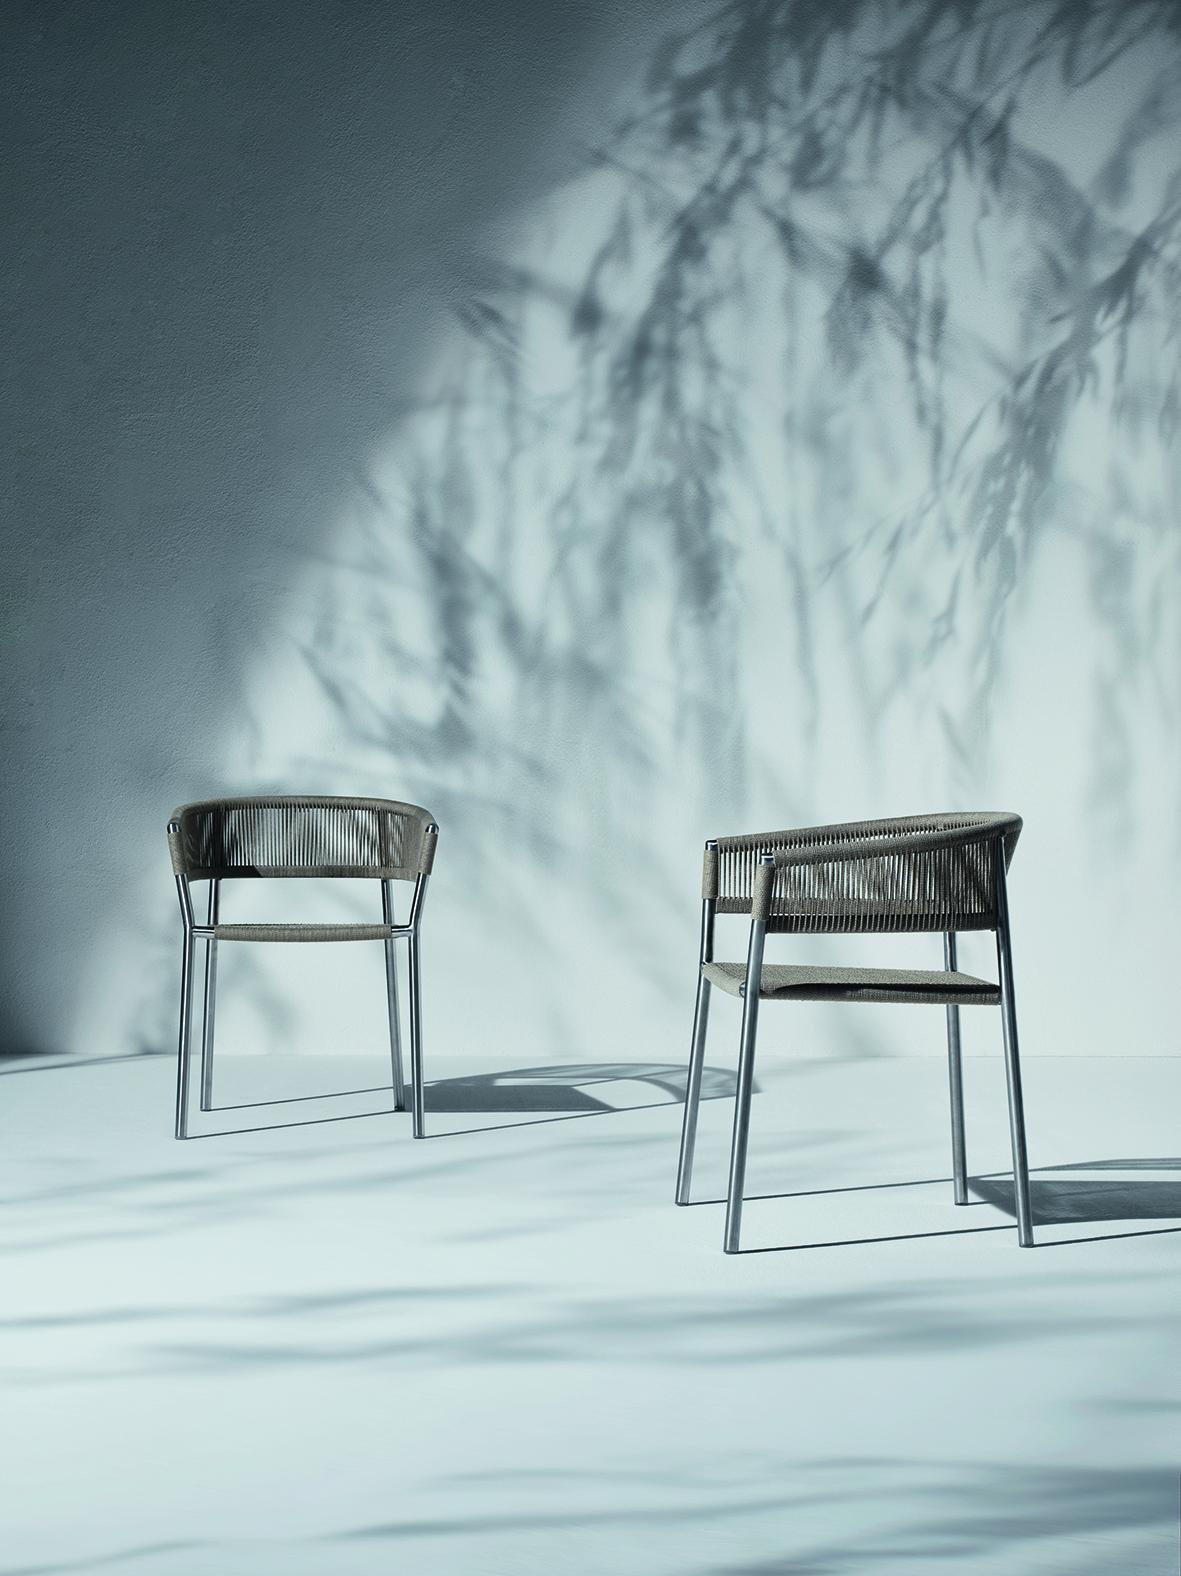 Ethimoの積み重ね可能な椅子のキルト